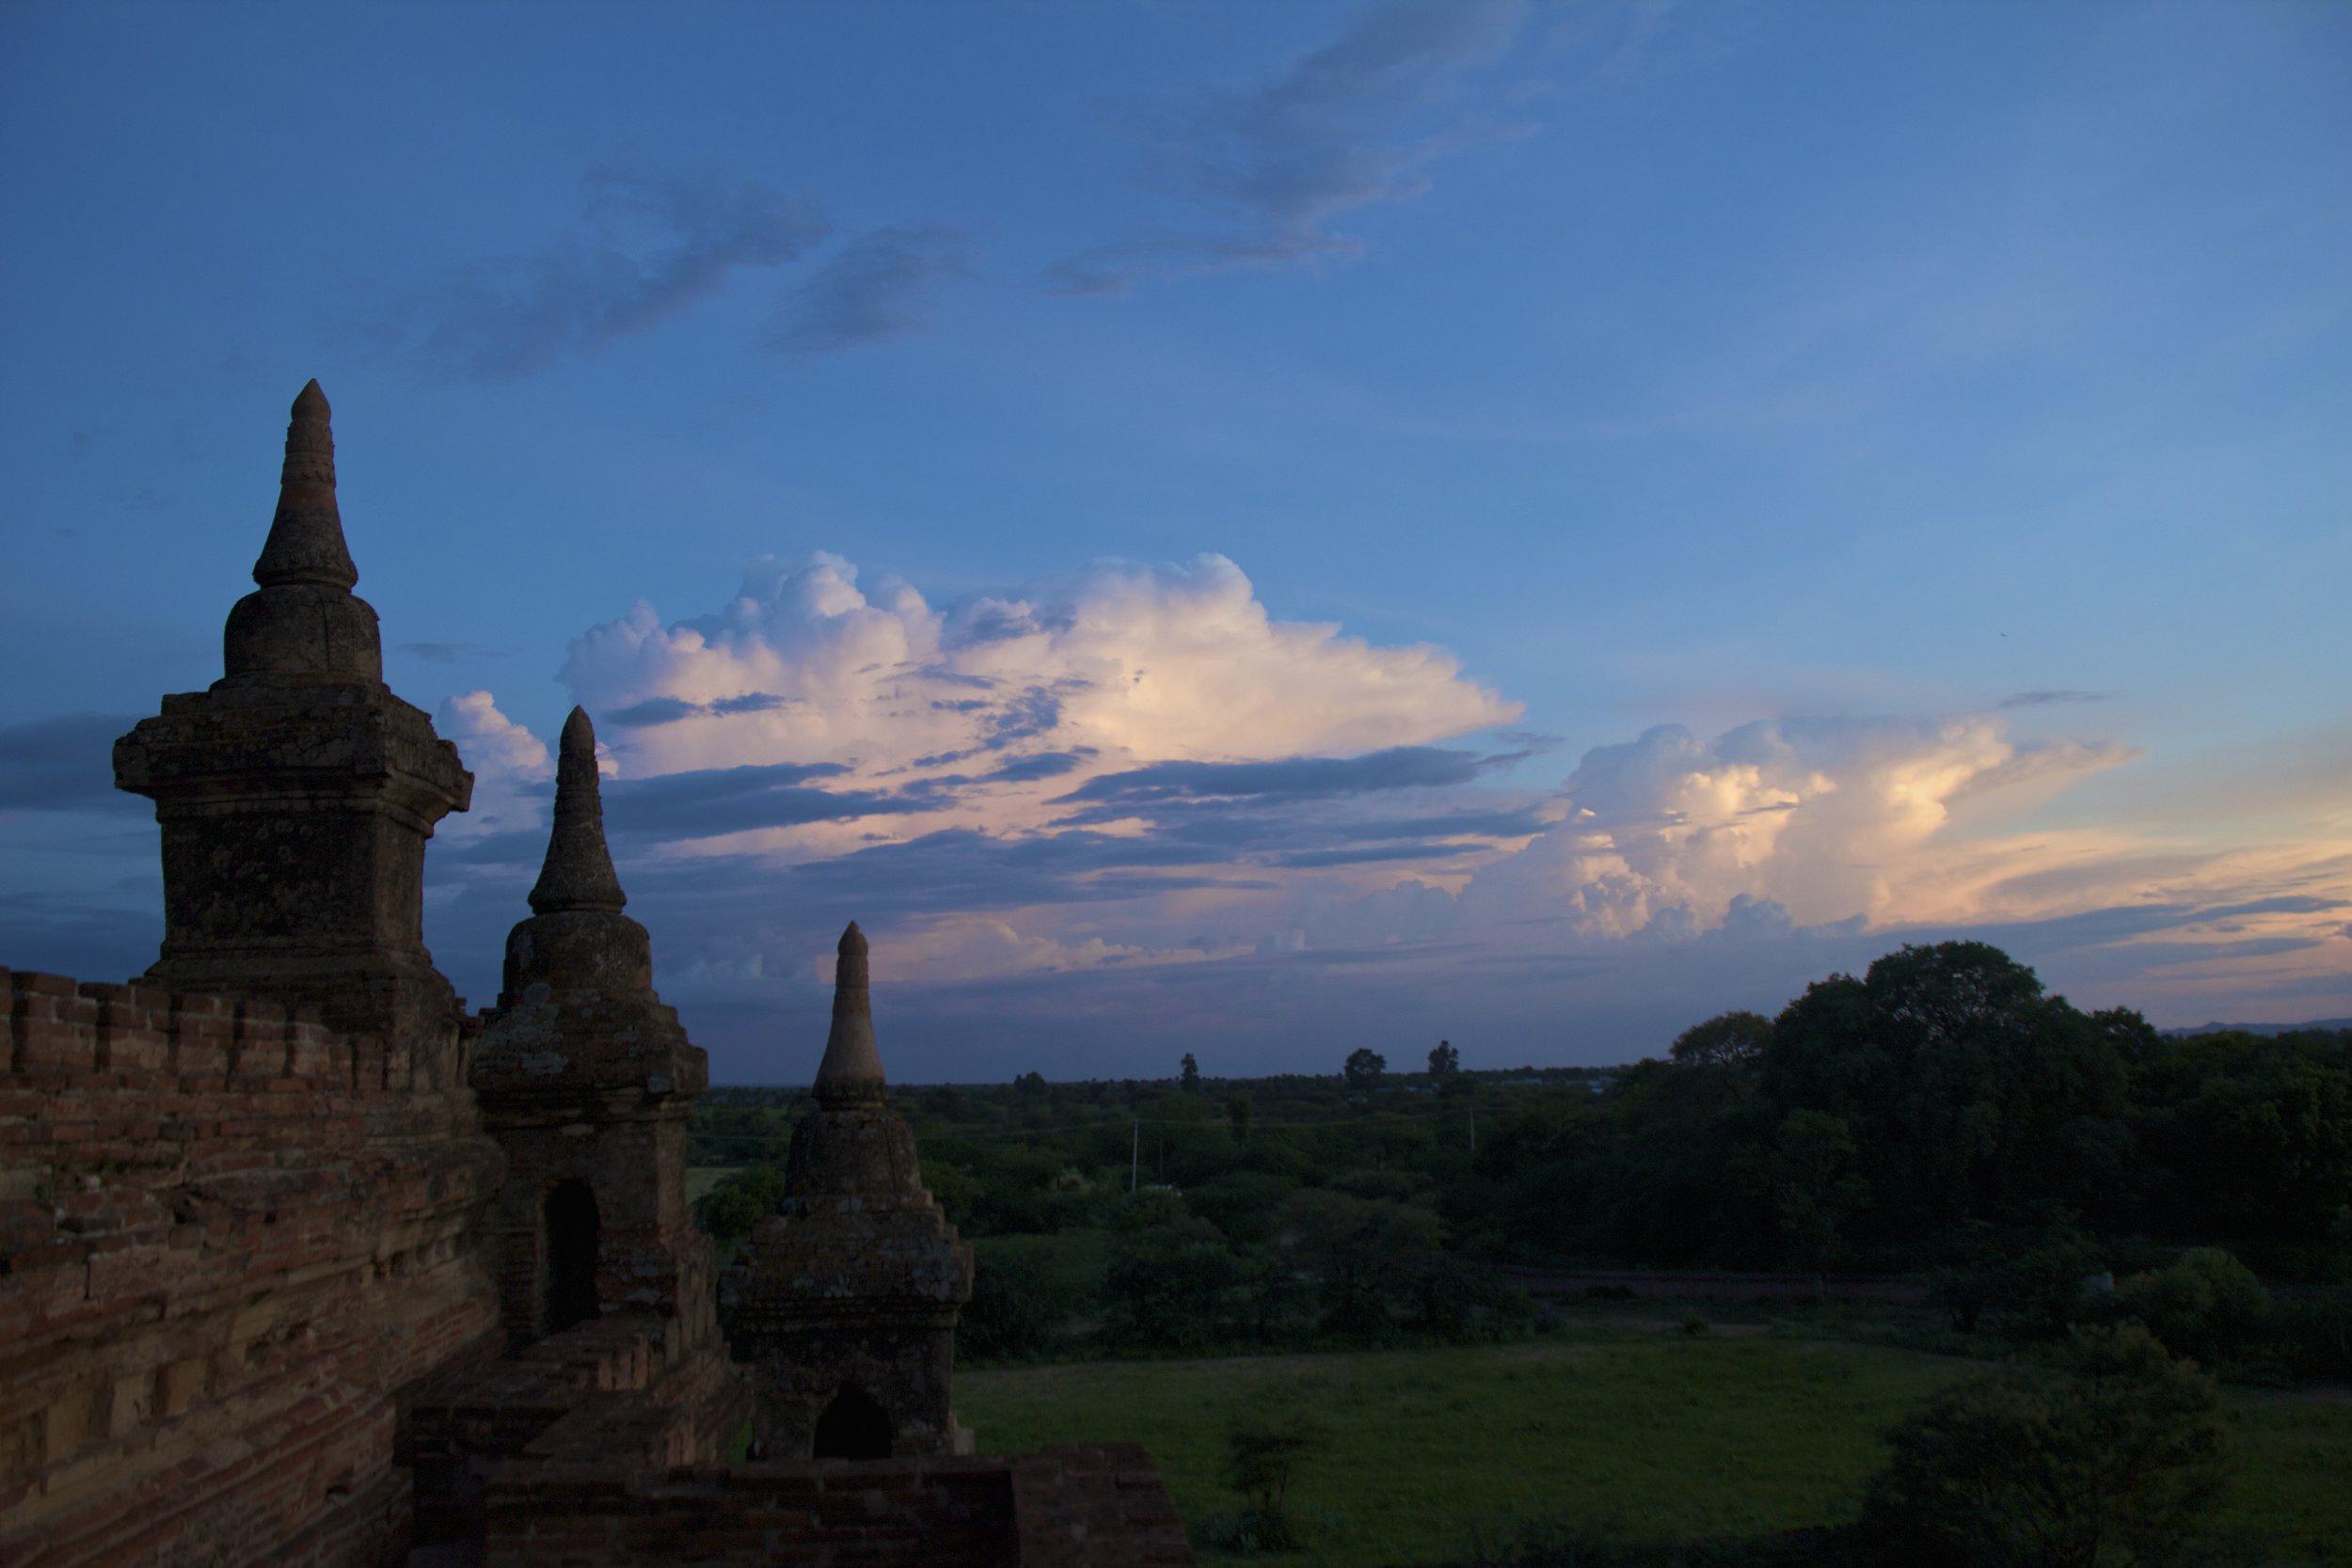 bagan burma myanmar temples sunset 5.jpg